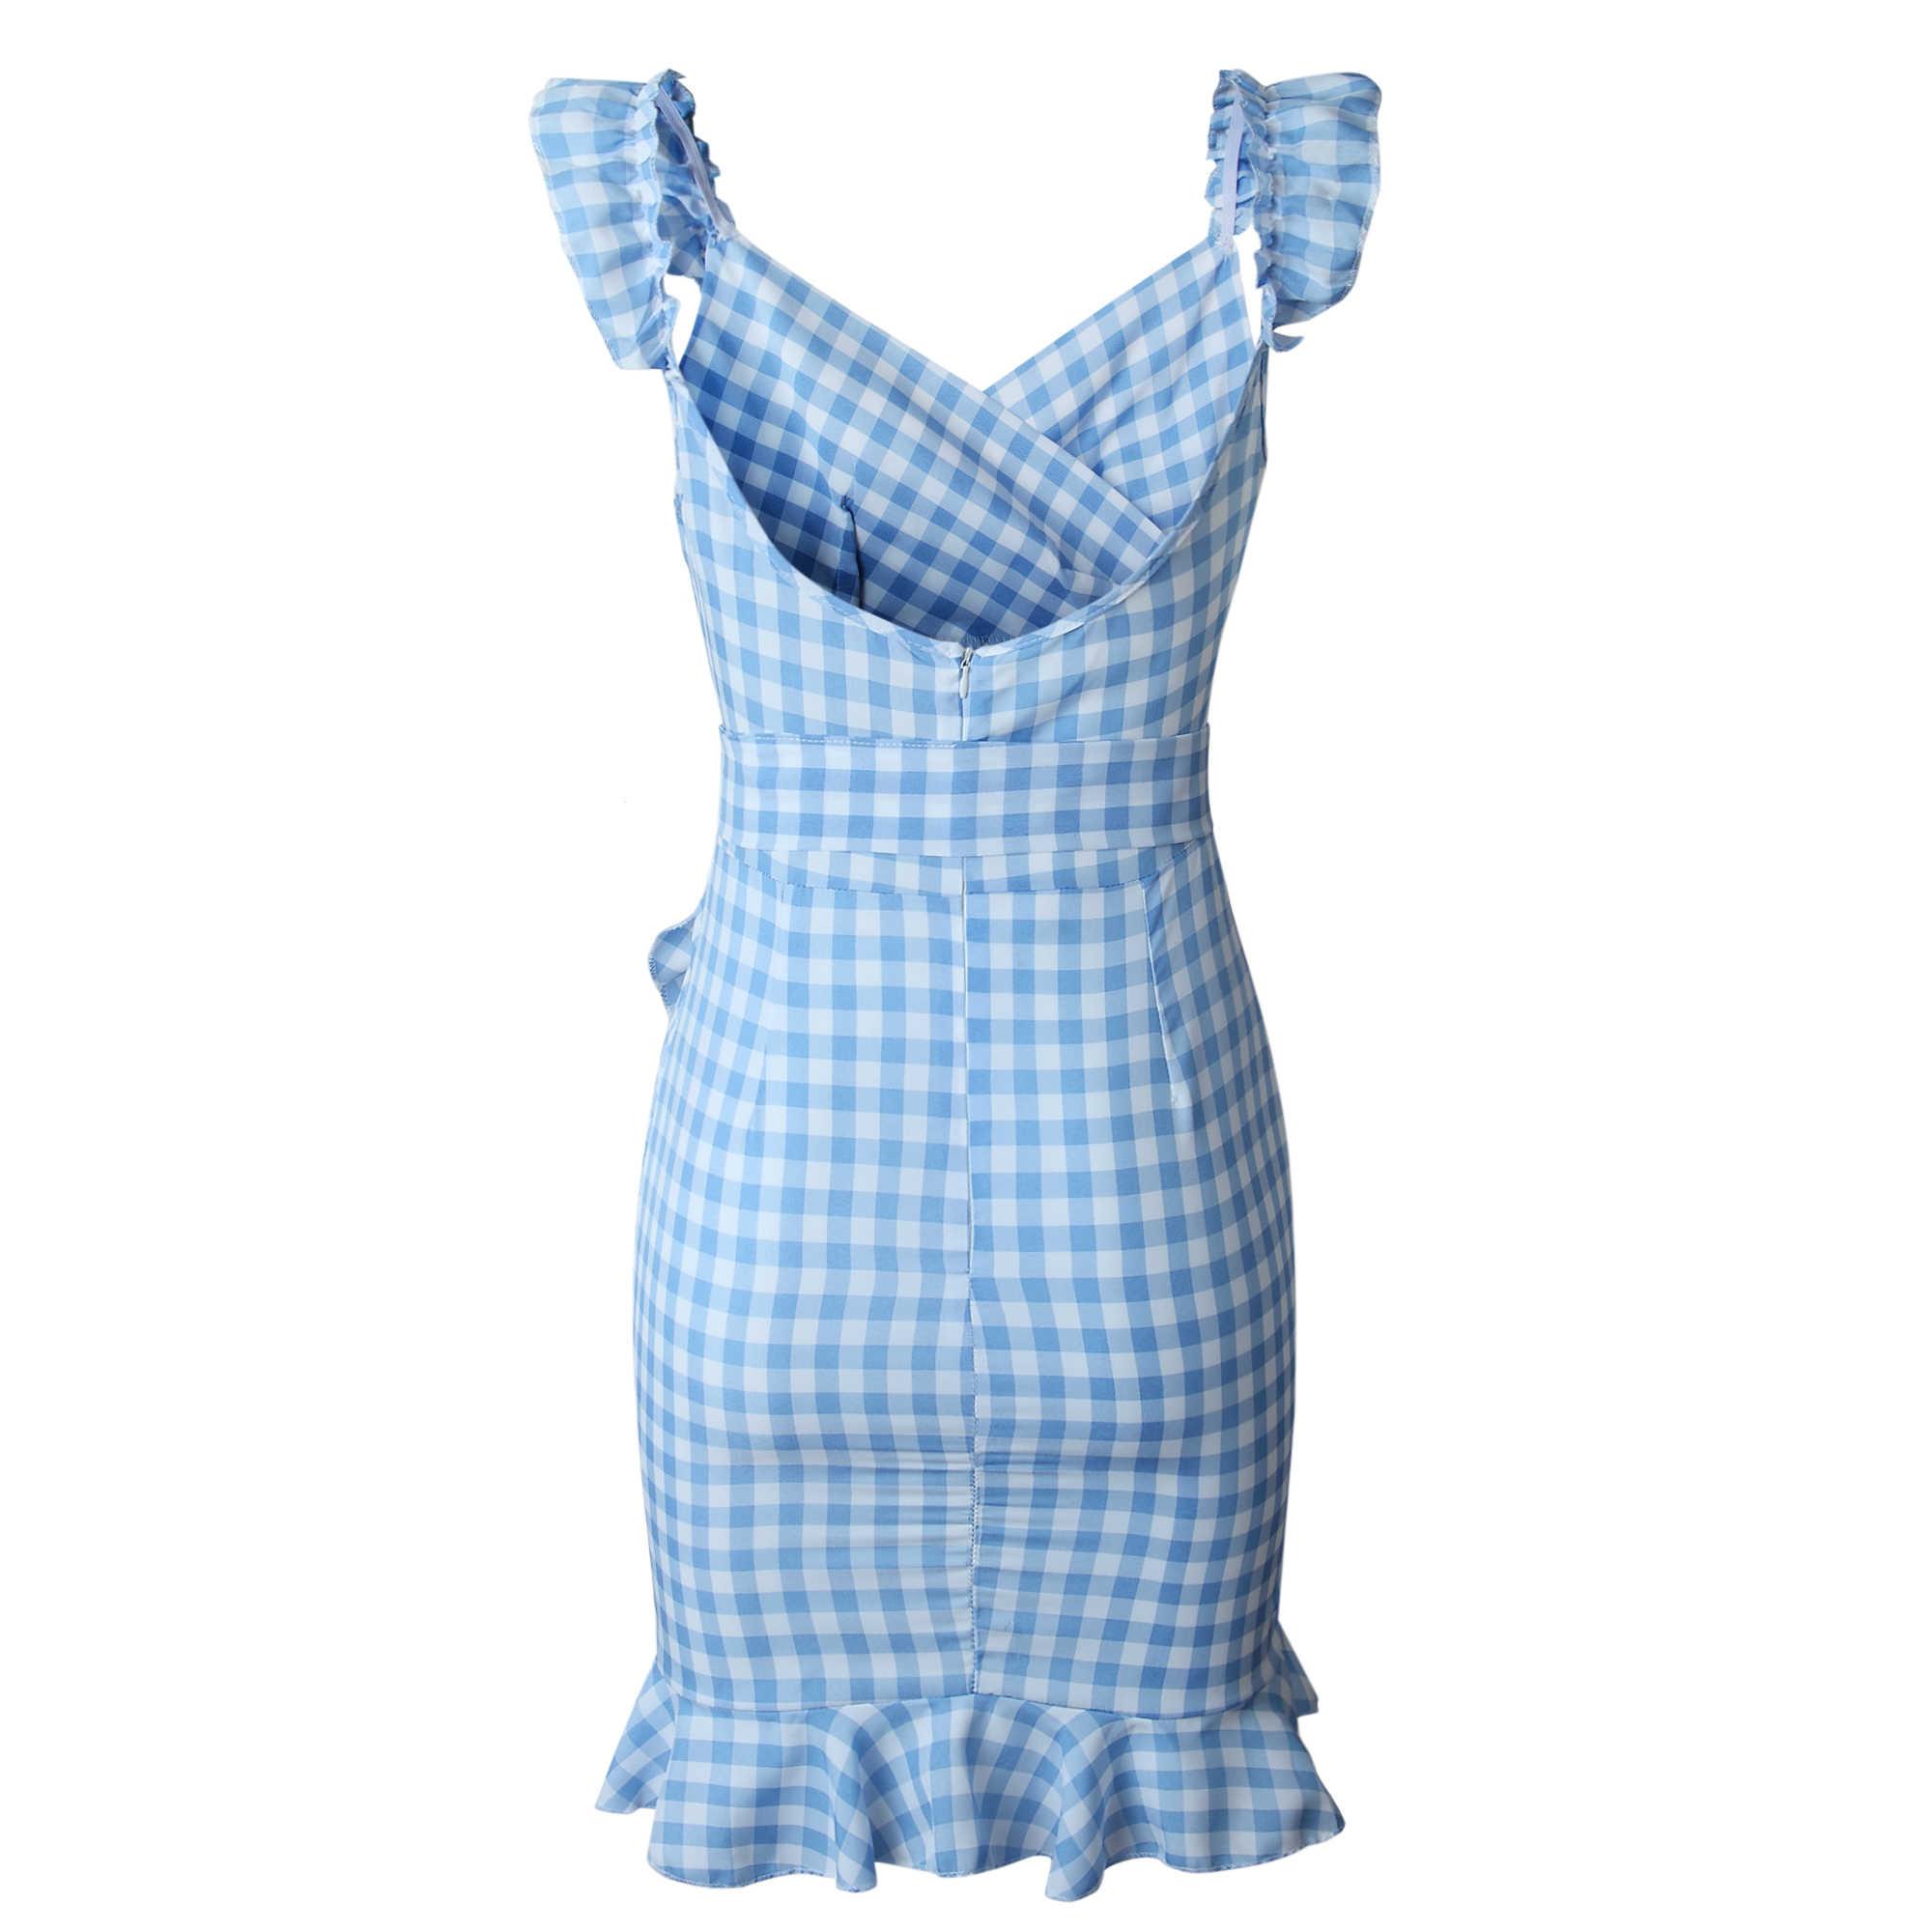 JH новое платье без рукавов Женская мода с открытыми плечами летние цветочные платья женские v-образный вырез стиль сексуальная красота